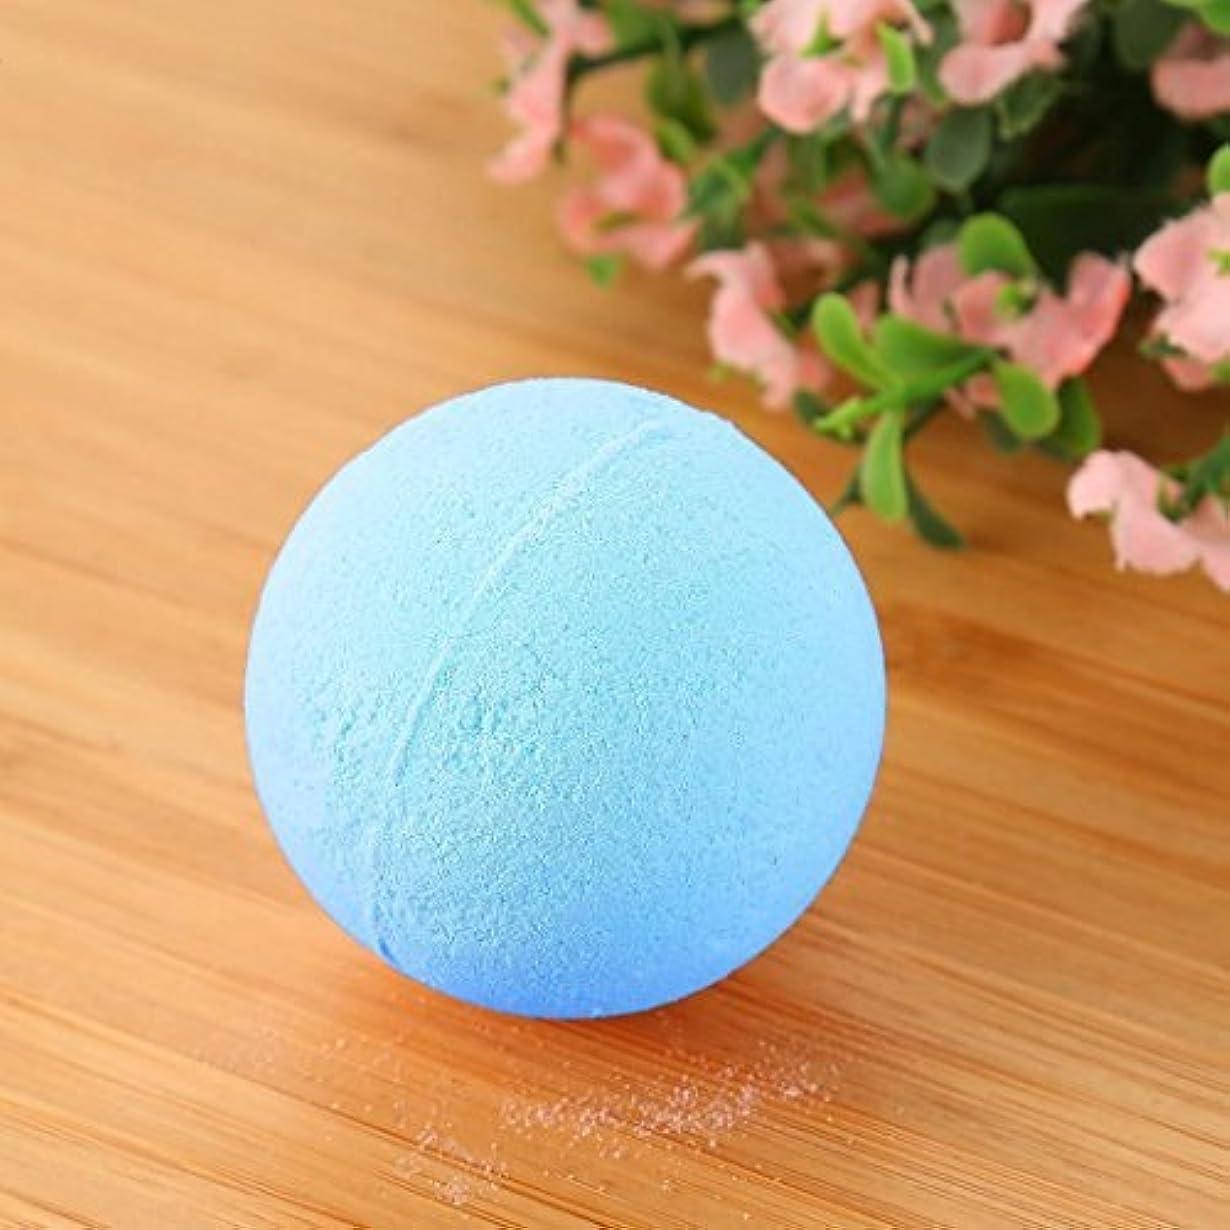 僕の水族館アラスカバブルボール塩塩浴リラックス女性のための贈り物